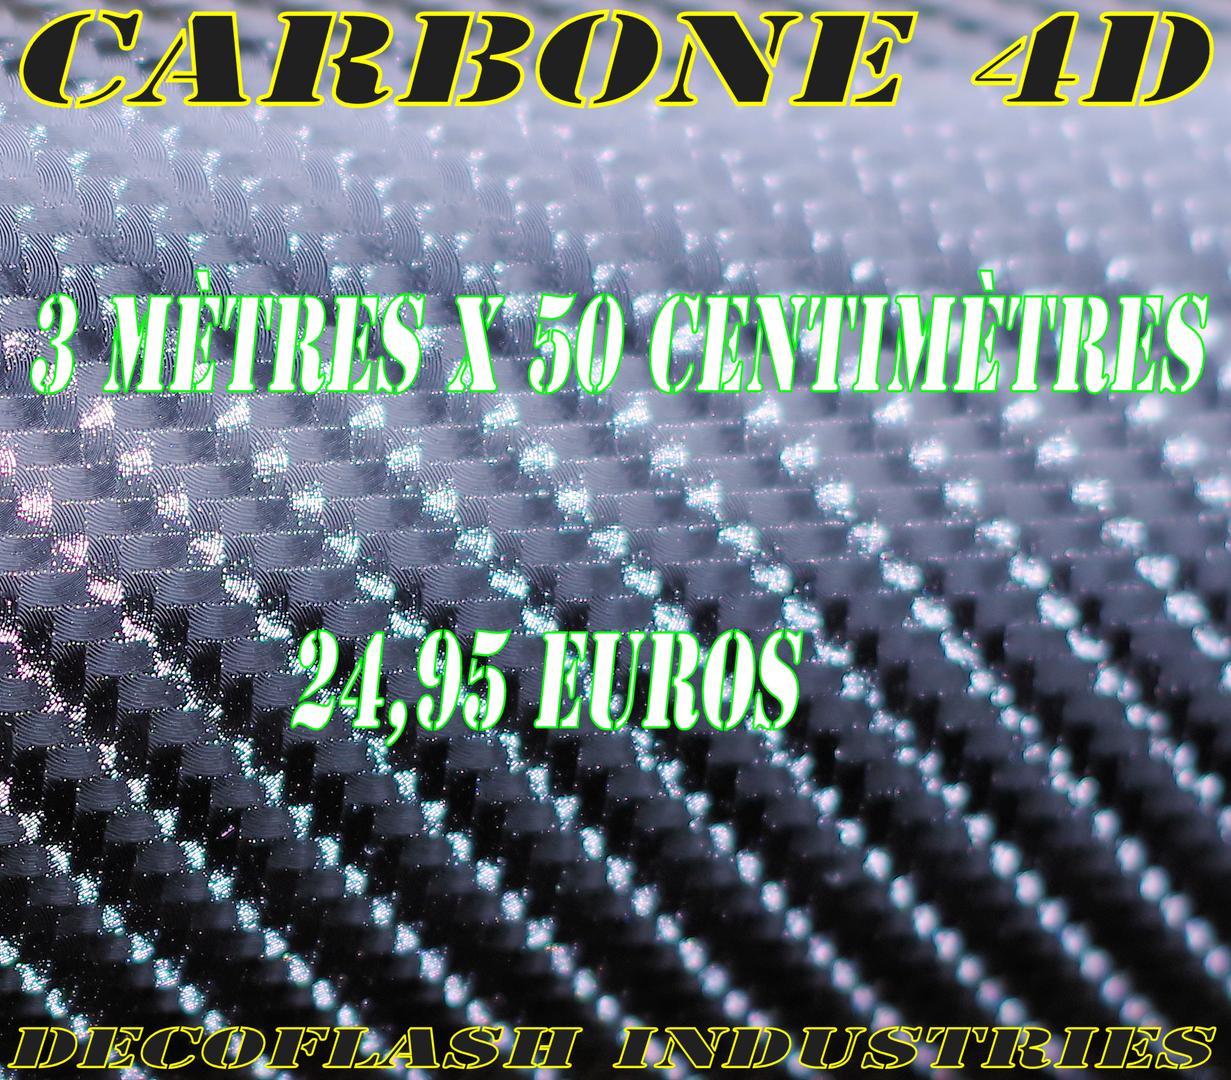 3m x 50cm carbone 4d 3 m tres x 50 centim tres moto covering decoflash industries rouleau. Black Bedroom Furniture Sets. Home Design Ideas